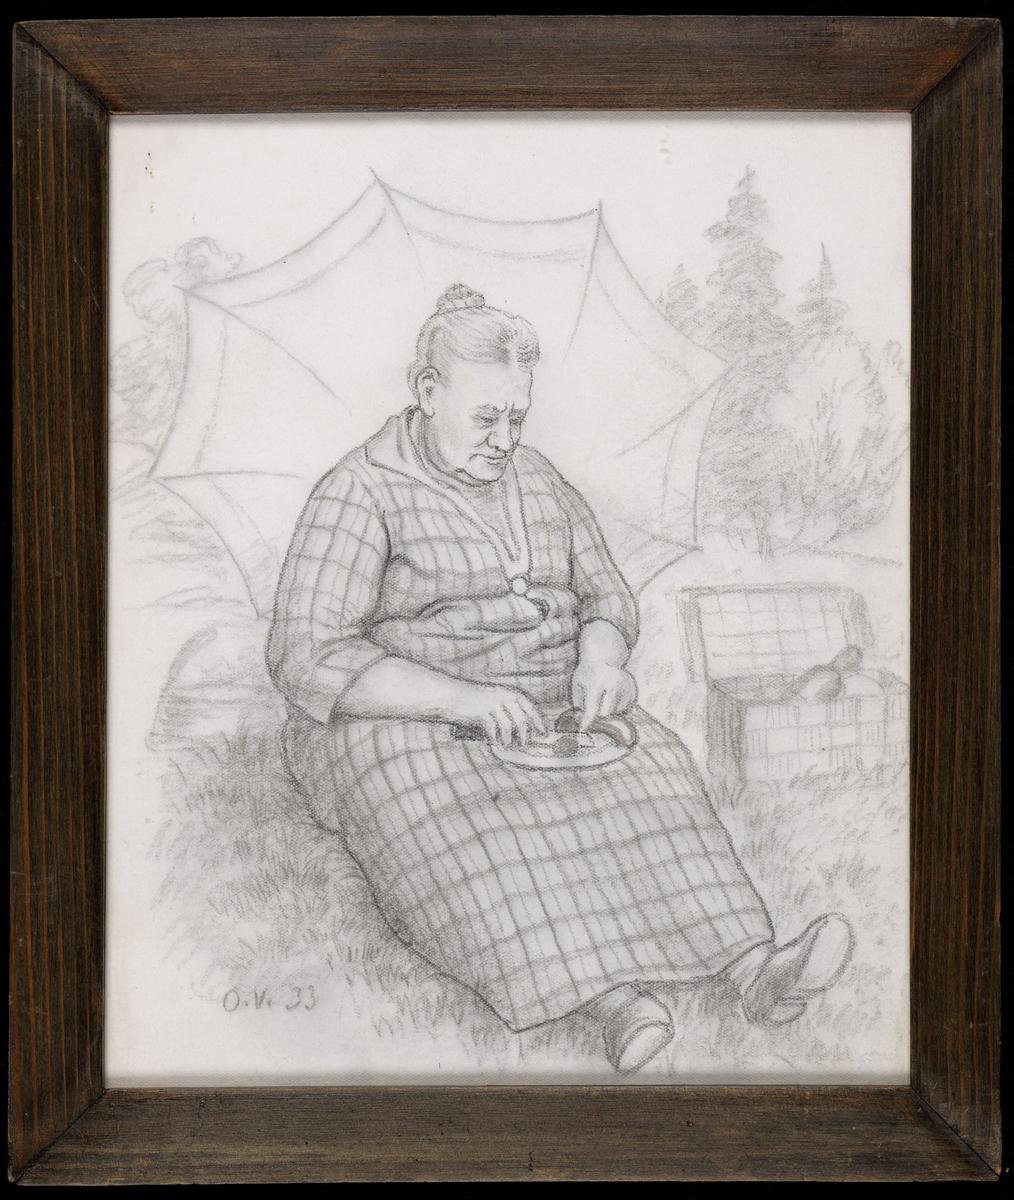 Eldre kv., sittende i gresset, høyrev., tallerken på fanget, parasoll bak